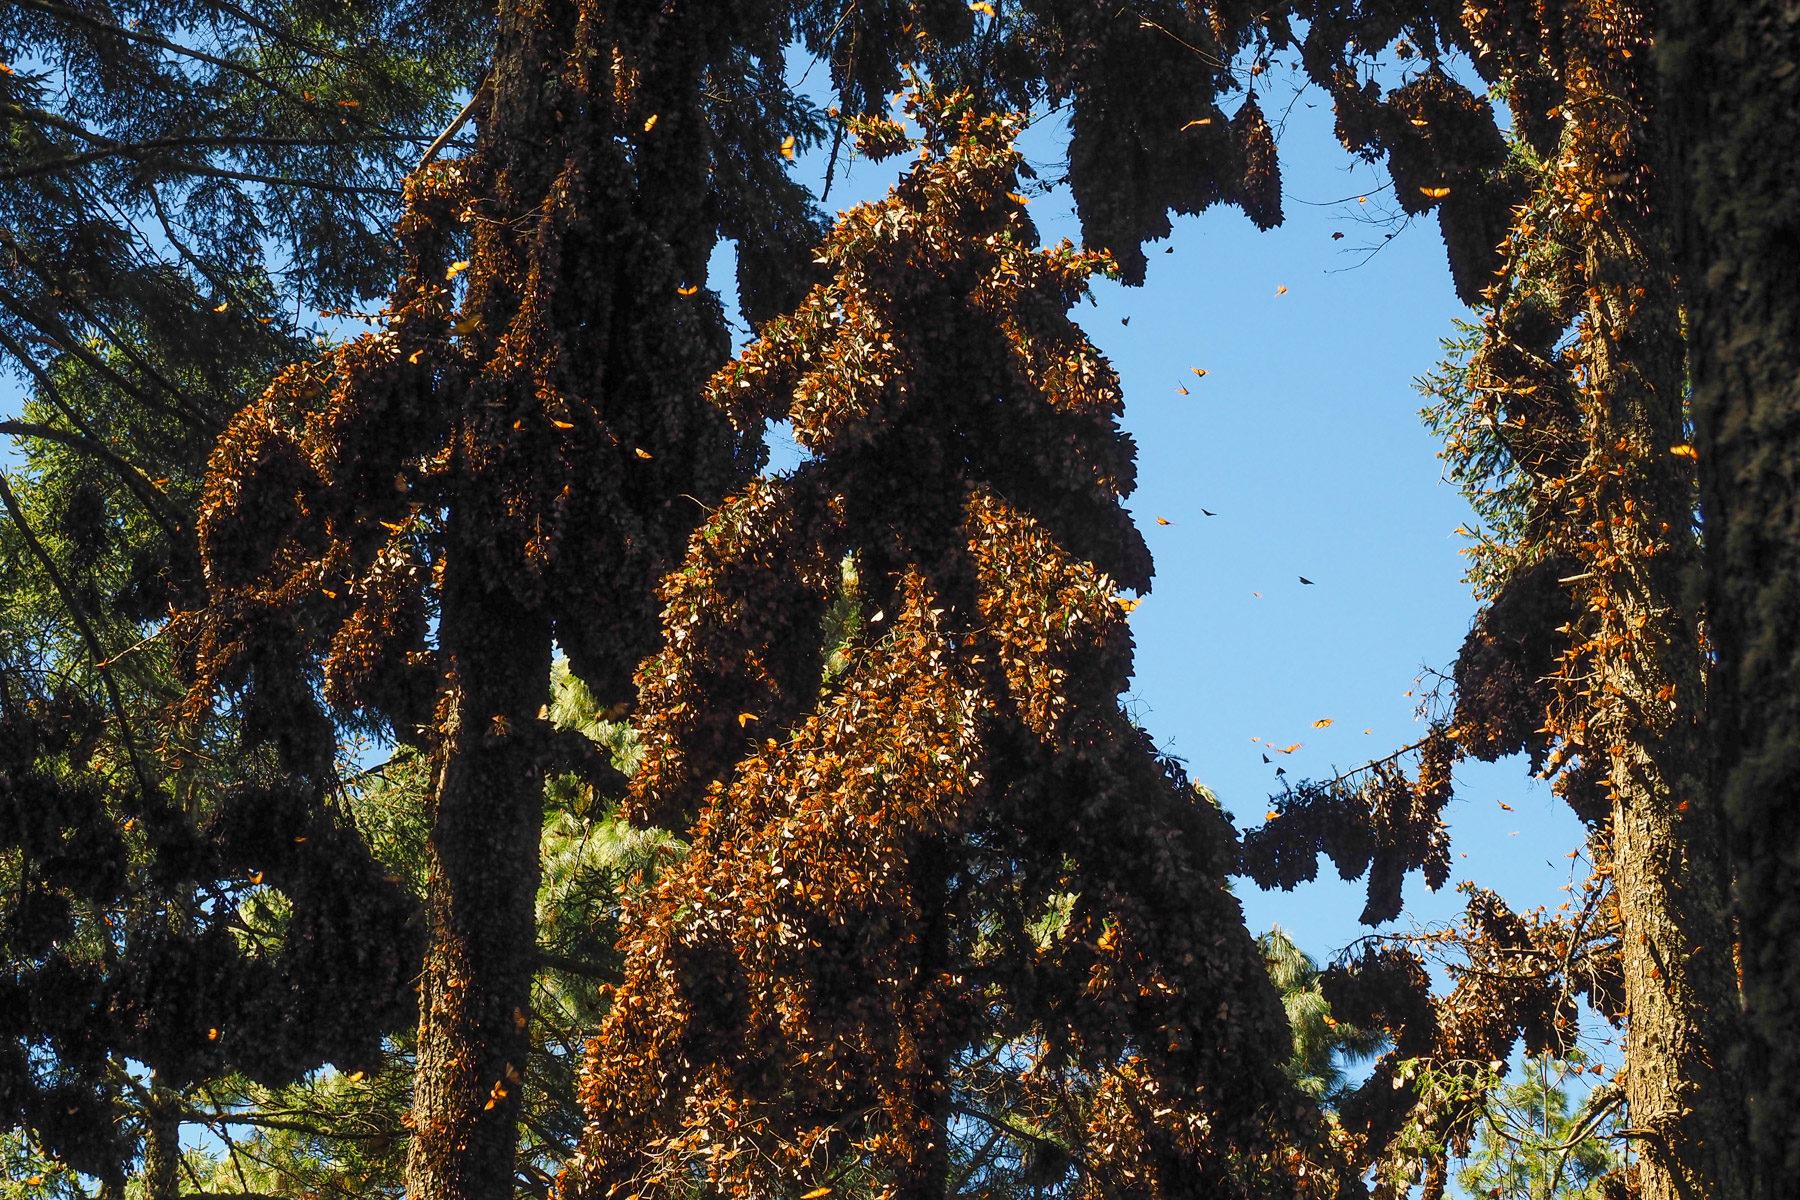 Komplett bedeckte Tannen mit gruselig vielen Schmetterlingen